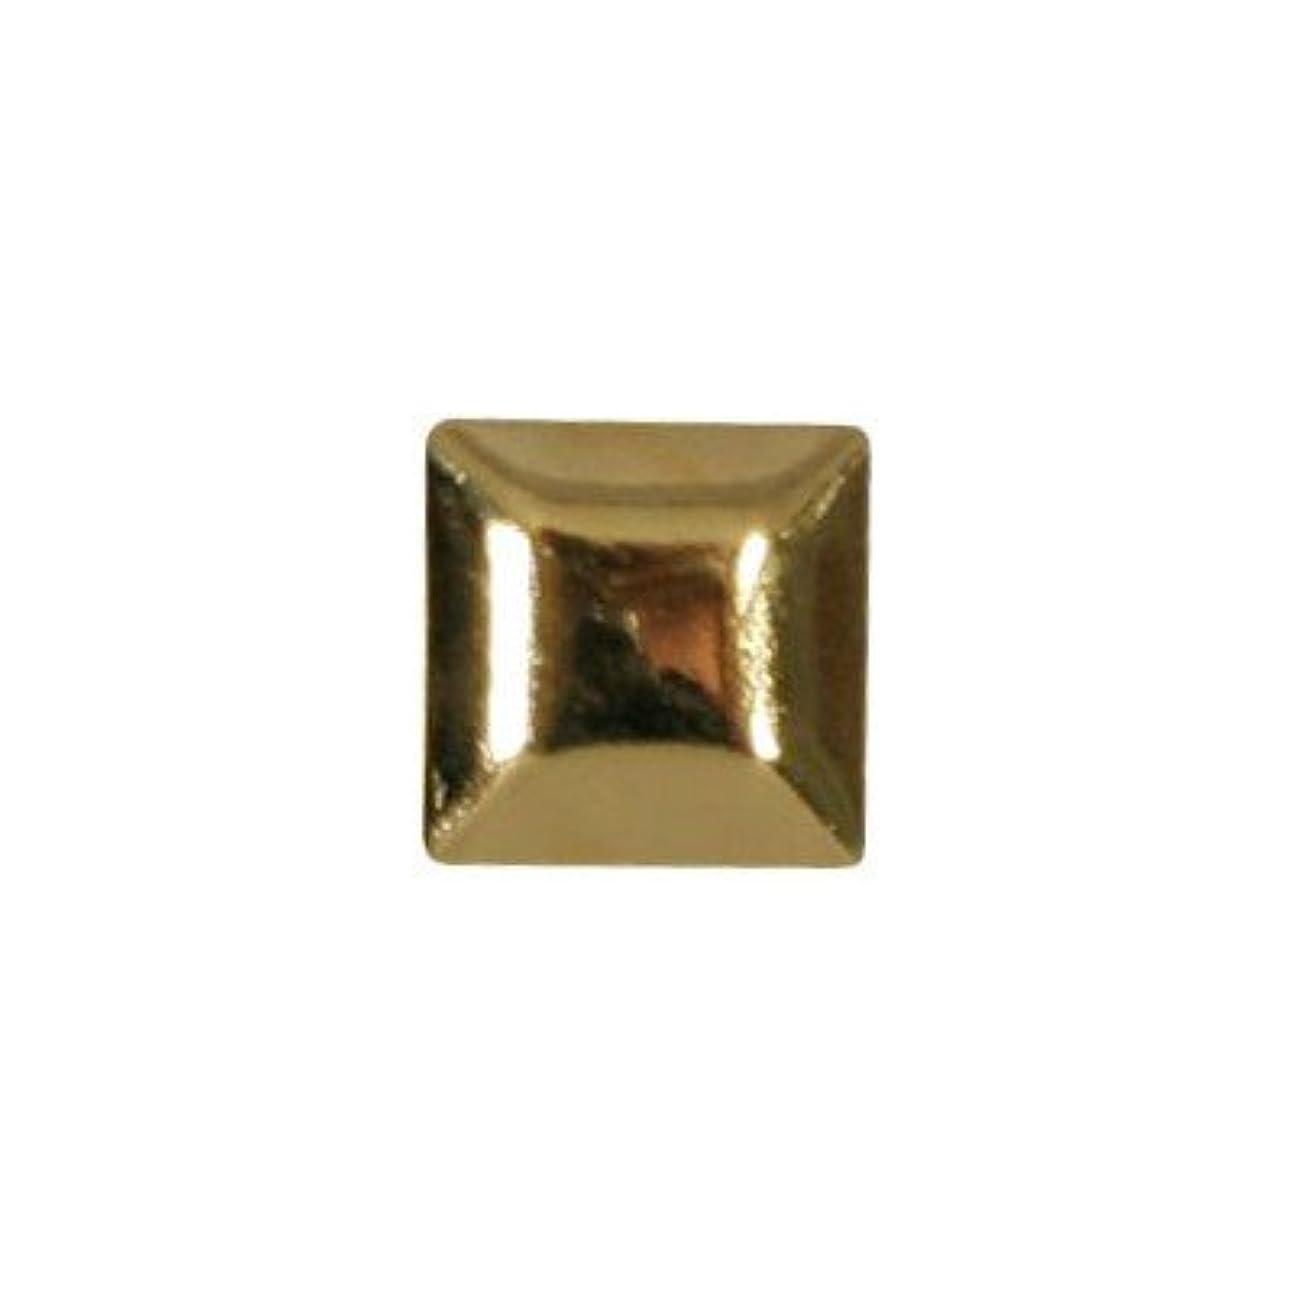 傾斜簡略化する提供されたピアドラ スタッズ メタルスクエア 4mm 30P ゴールド